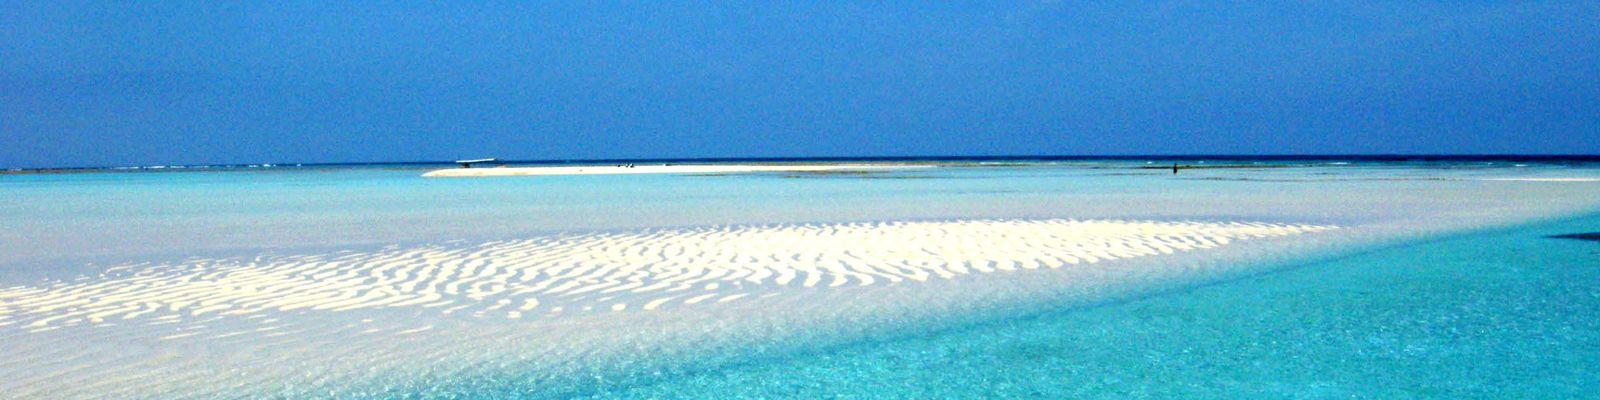 与論島-百合ヶ浜、それは海の中の幻の砂浜・・・